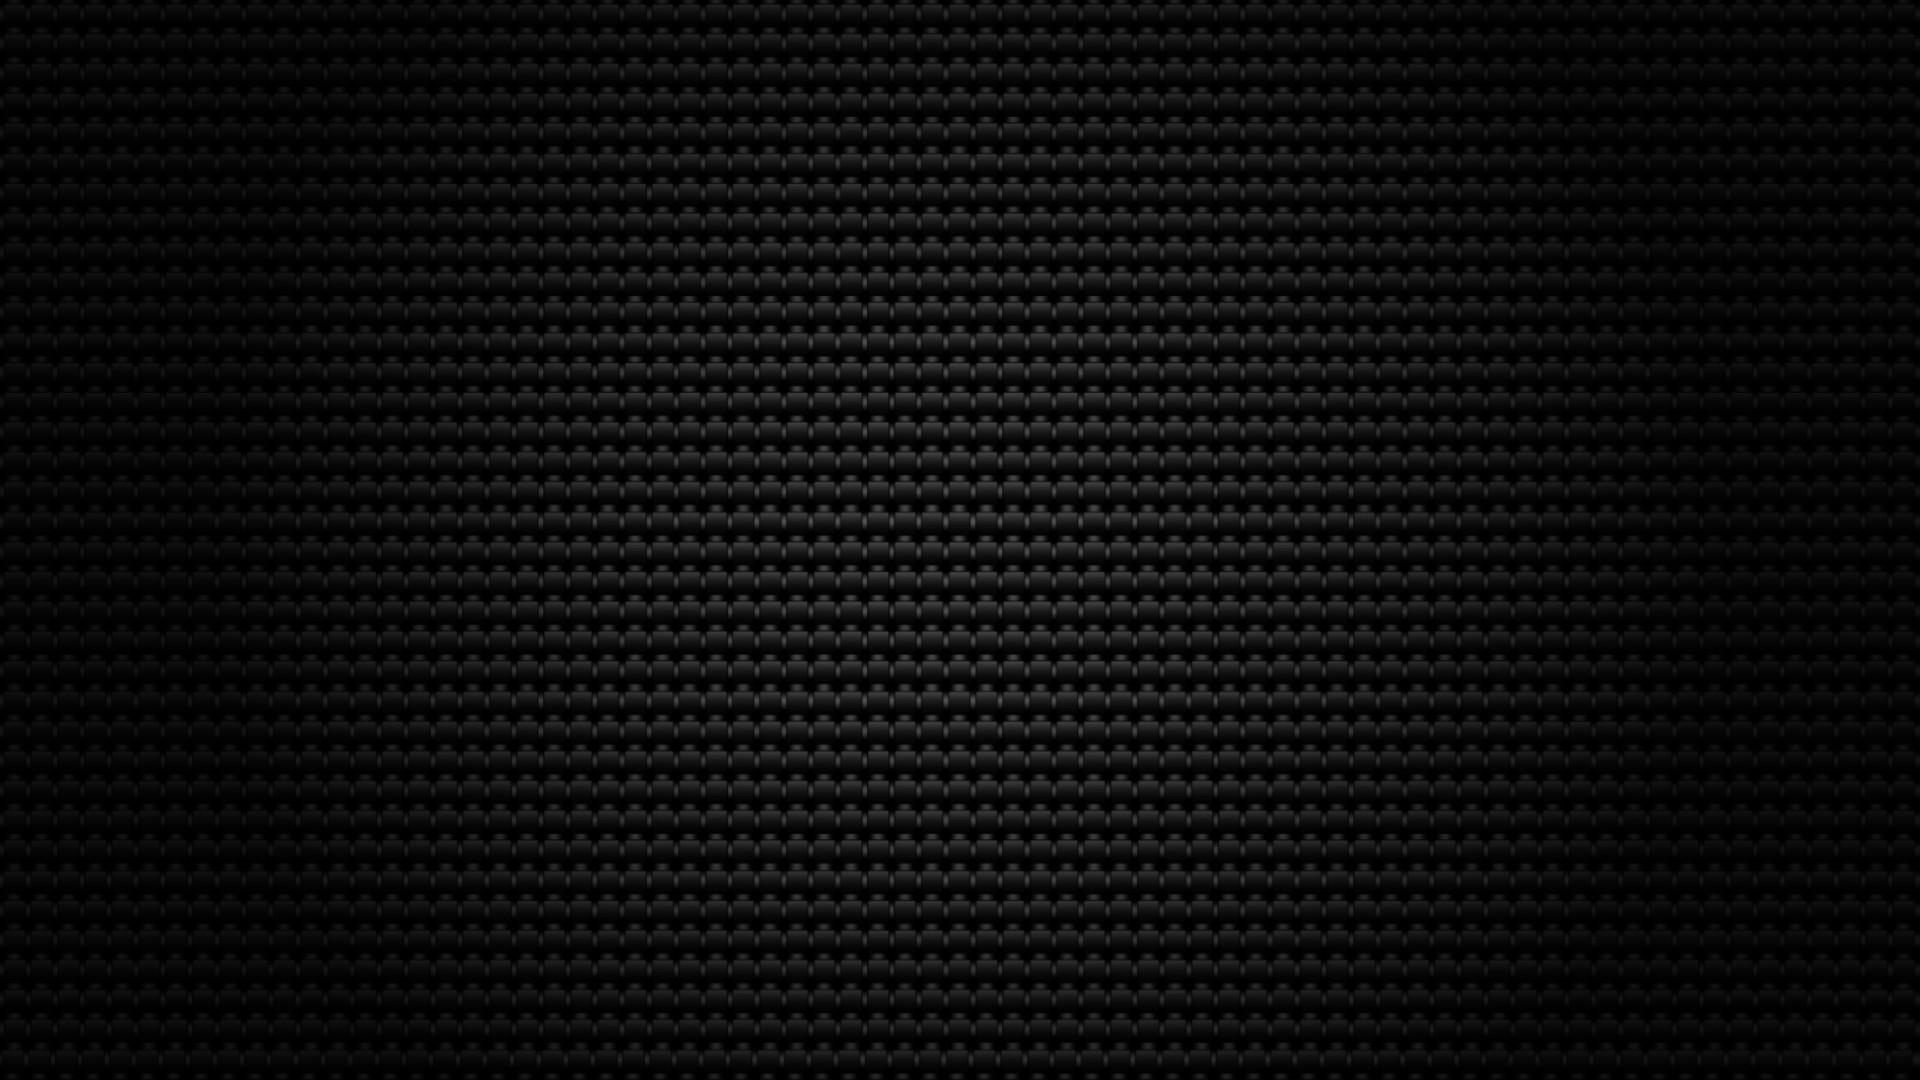 Abstract backgrounds black carbon fiber fibers wallpaper 76074 1920x1080